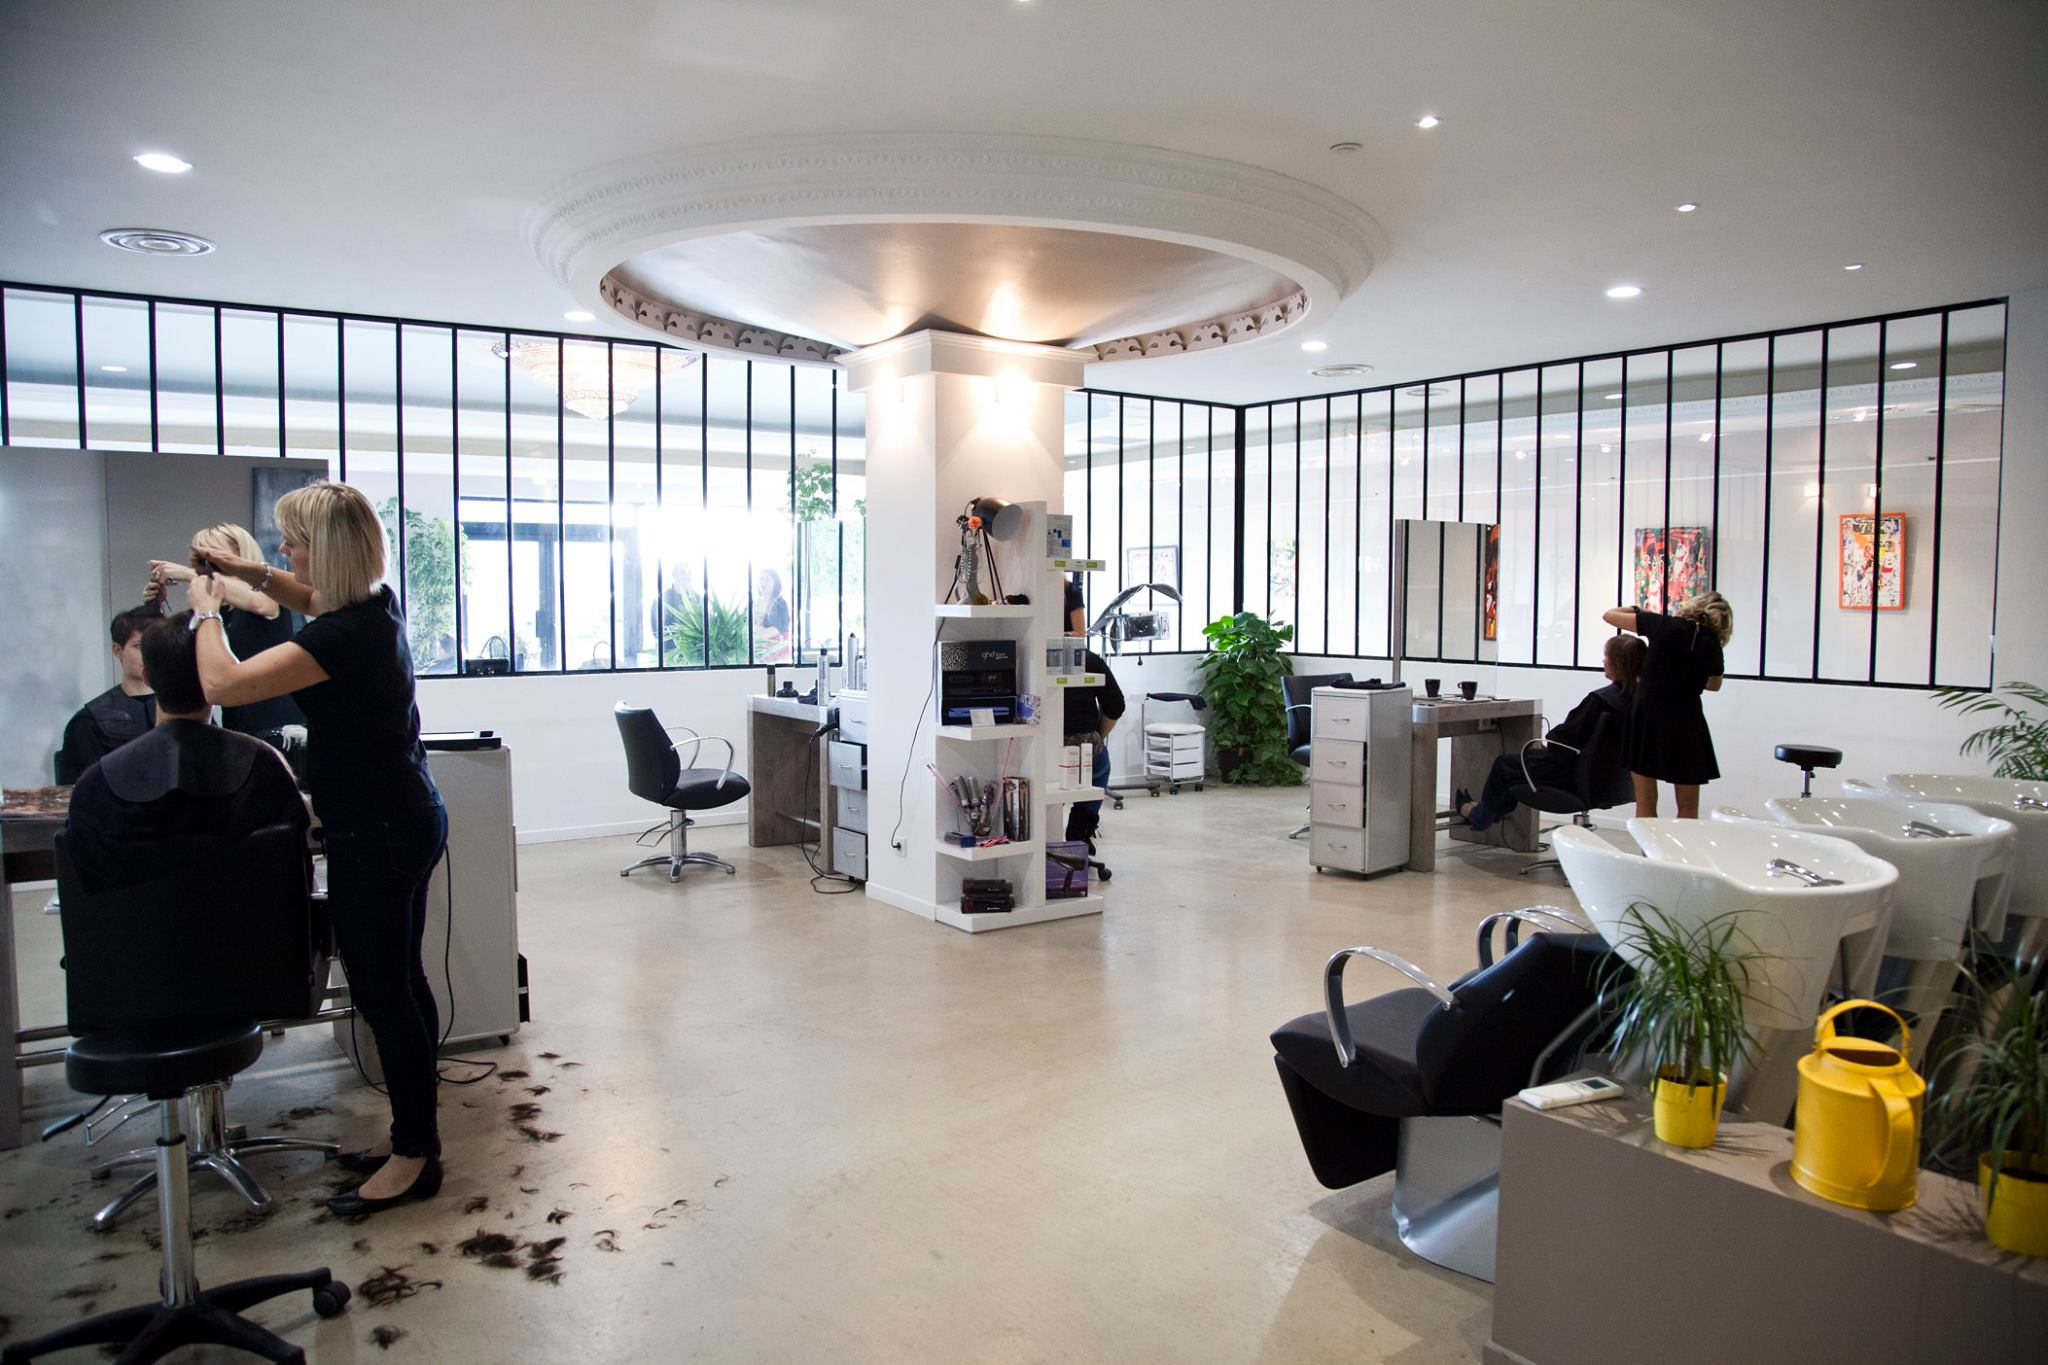 Lm coiffure meilleur salon de coiffure saint germain - Salon de coiffure saint georges ...